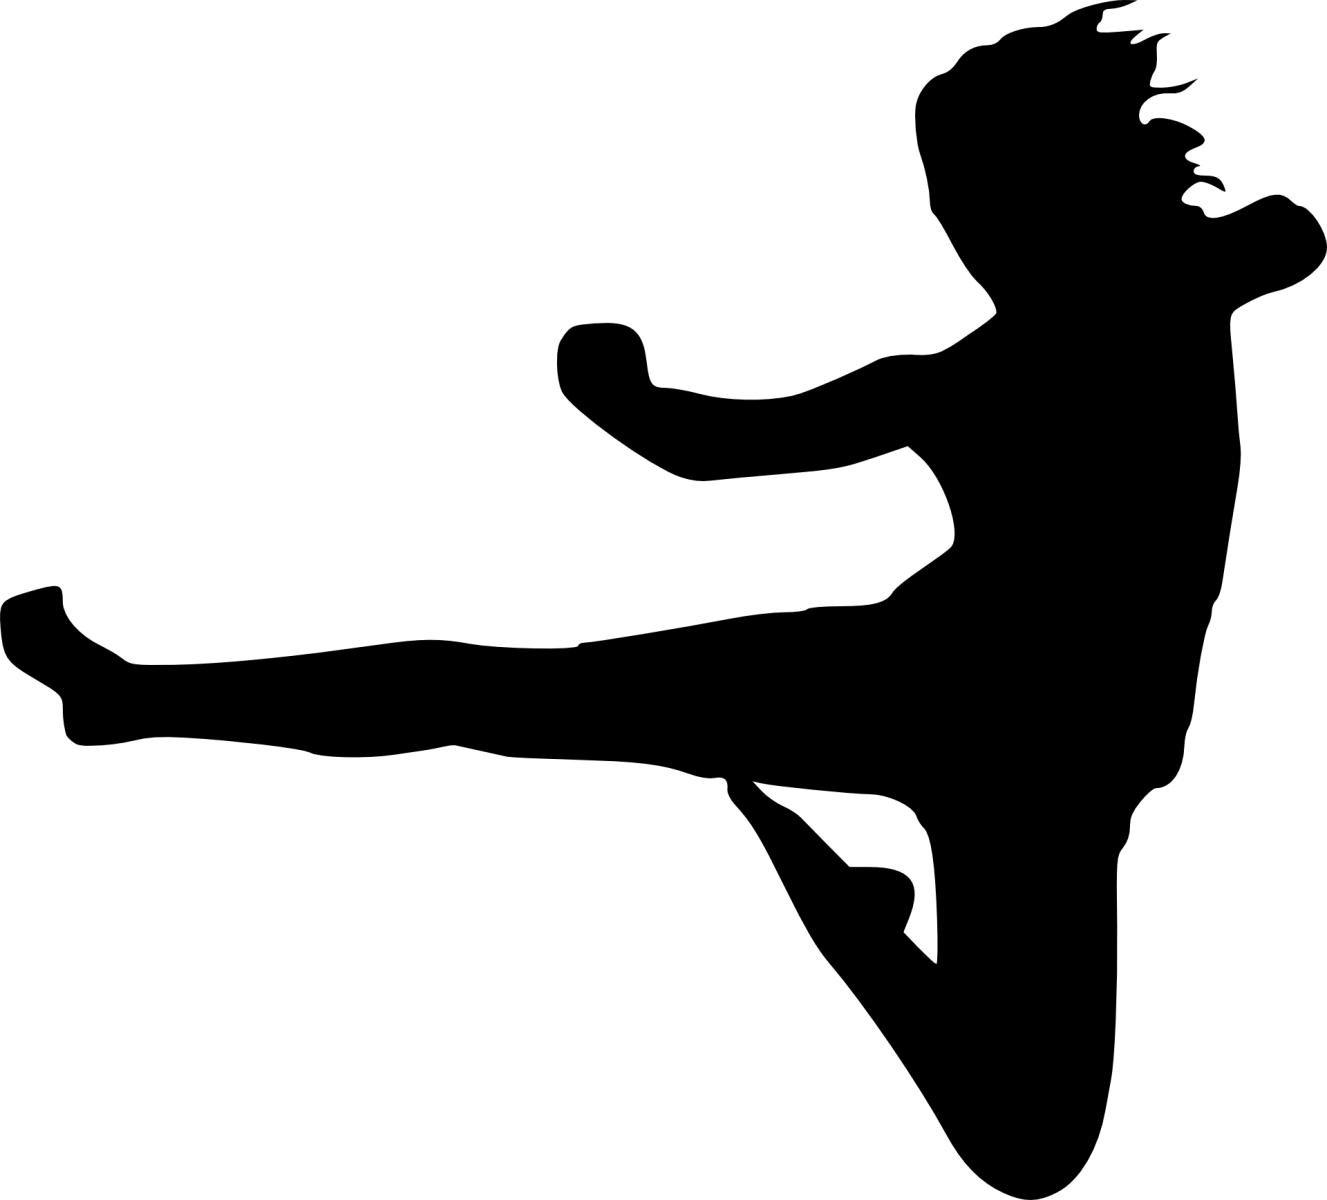 Kickboxing image 2